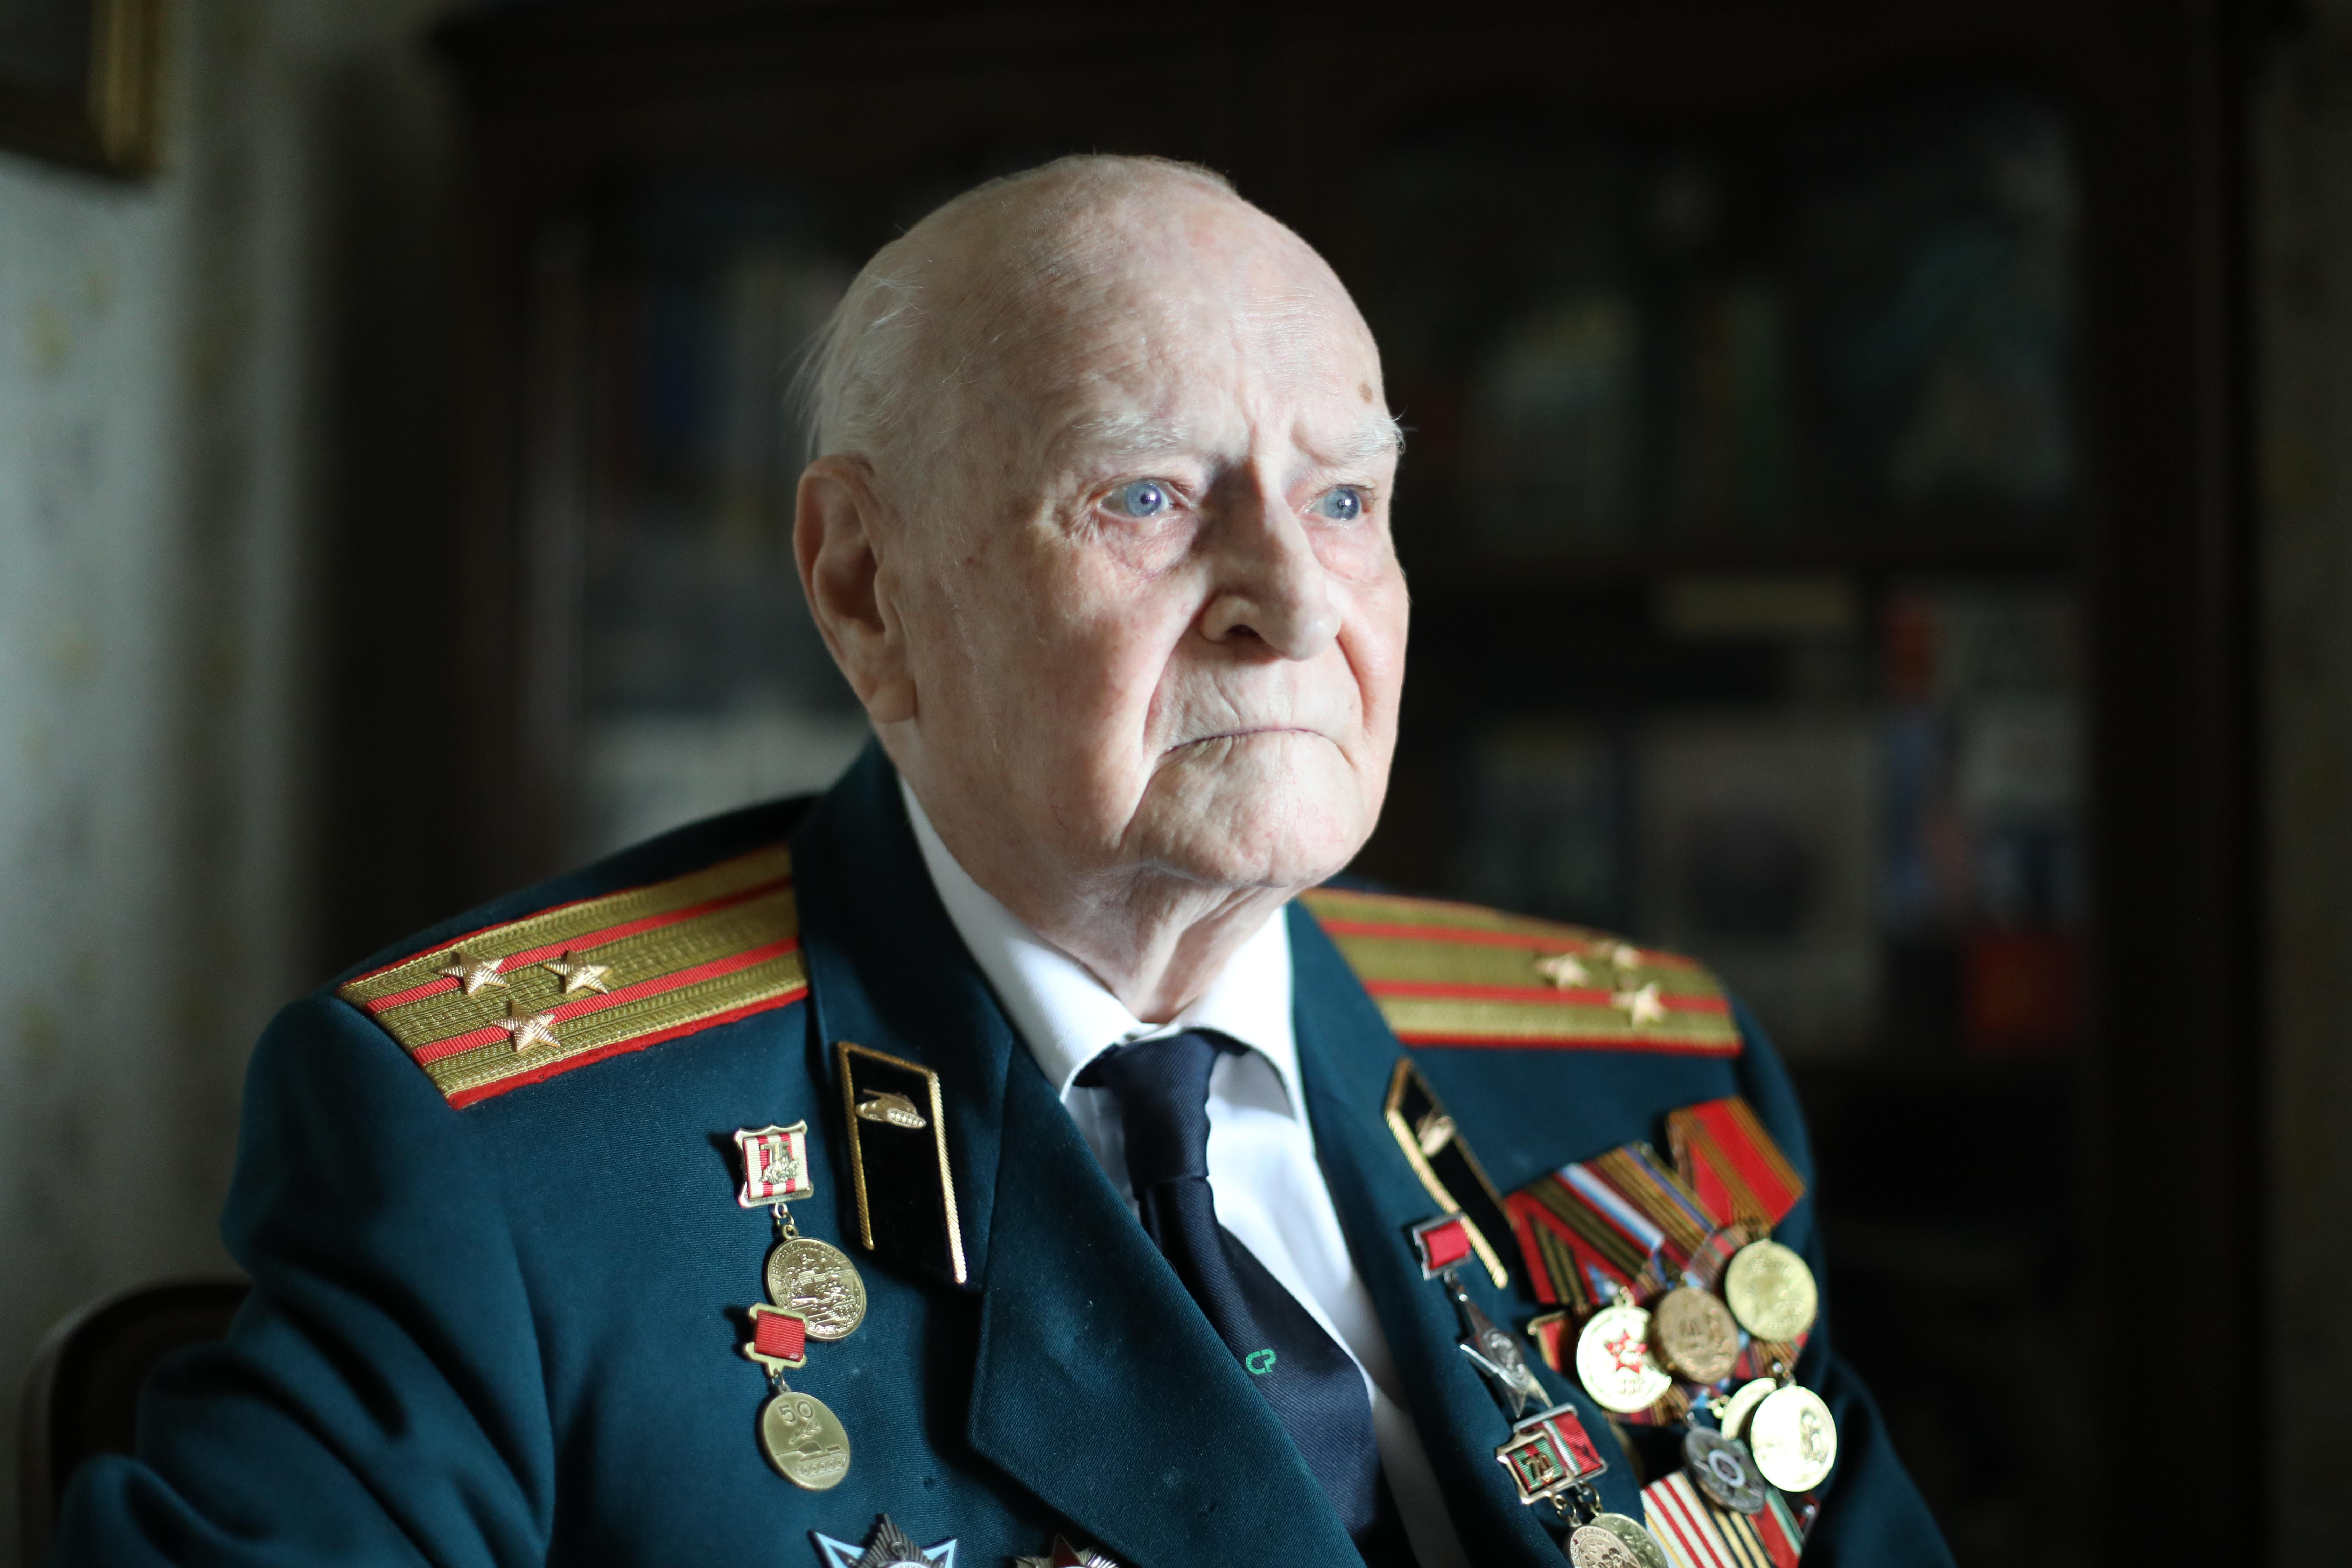 Комиссия МГД поддержала законопроект об установлении льготной категории жителей Москвы «дети войны»